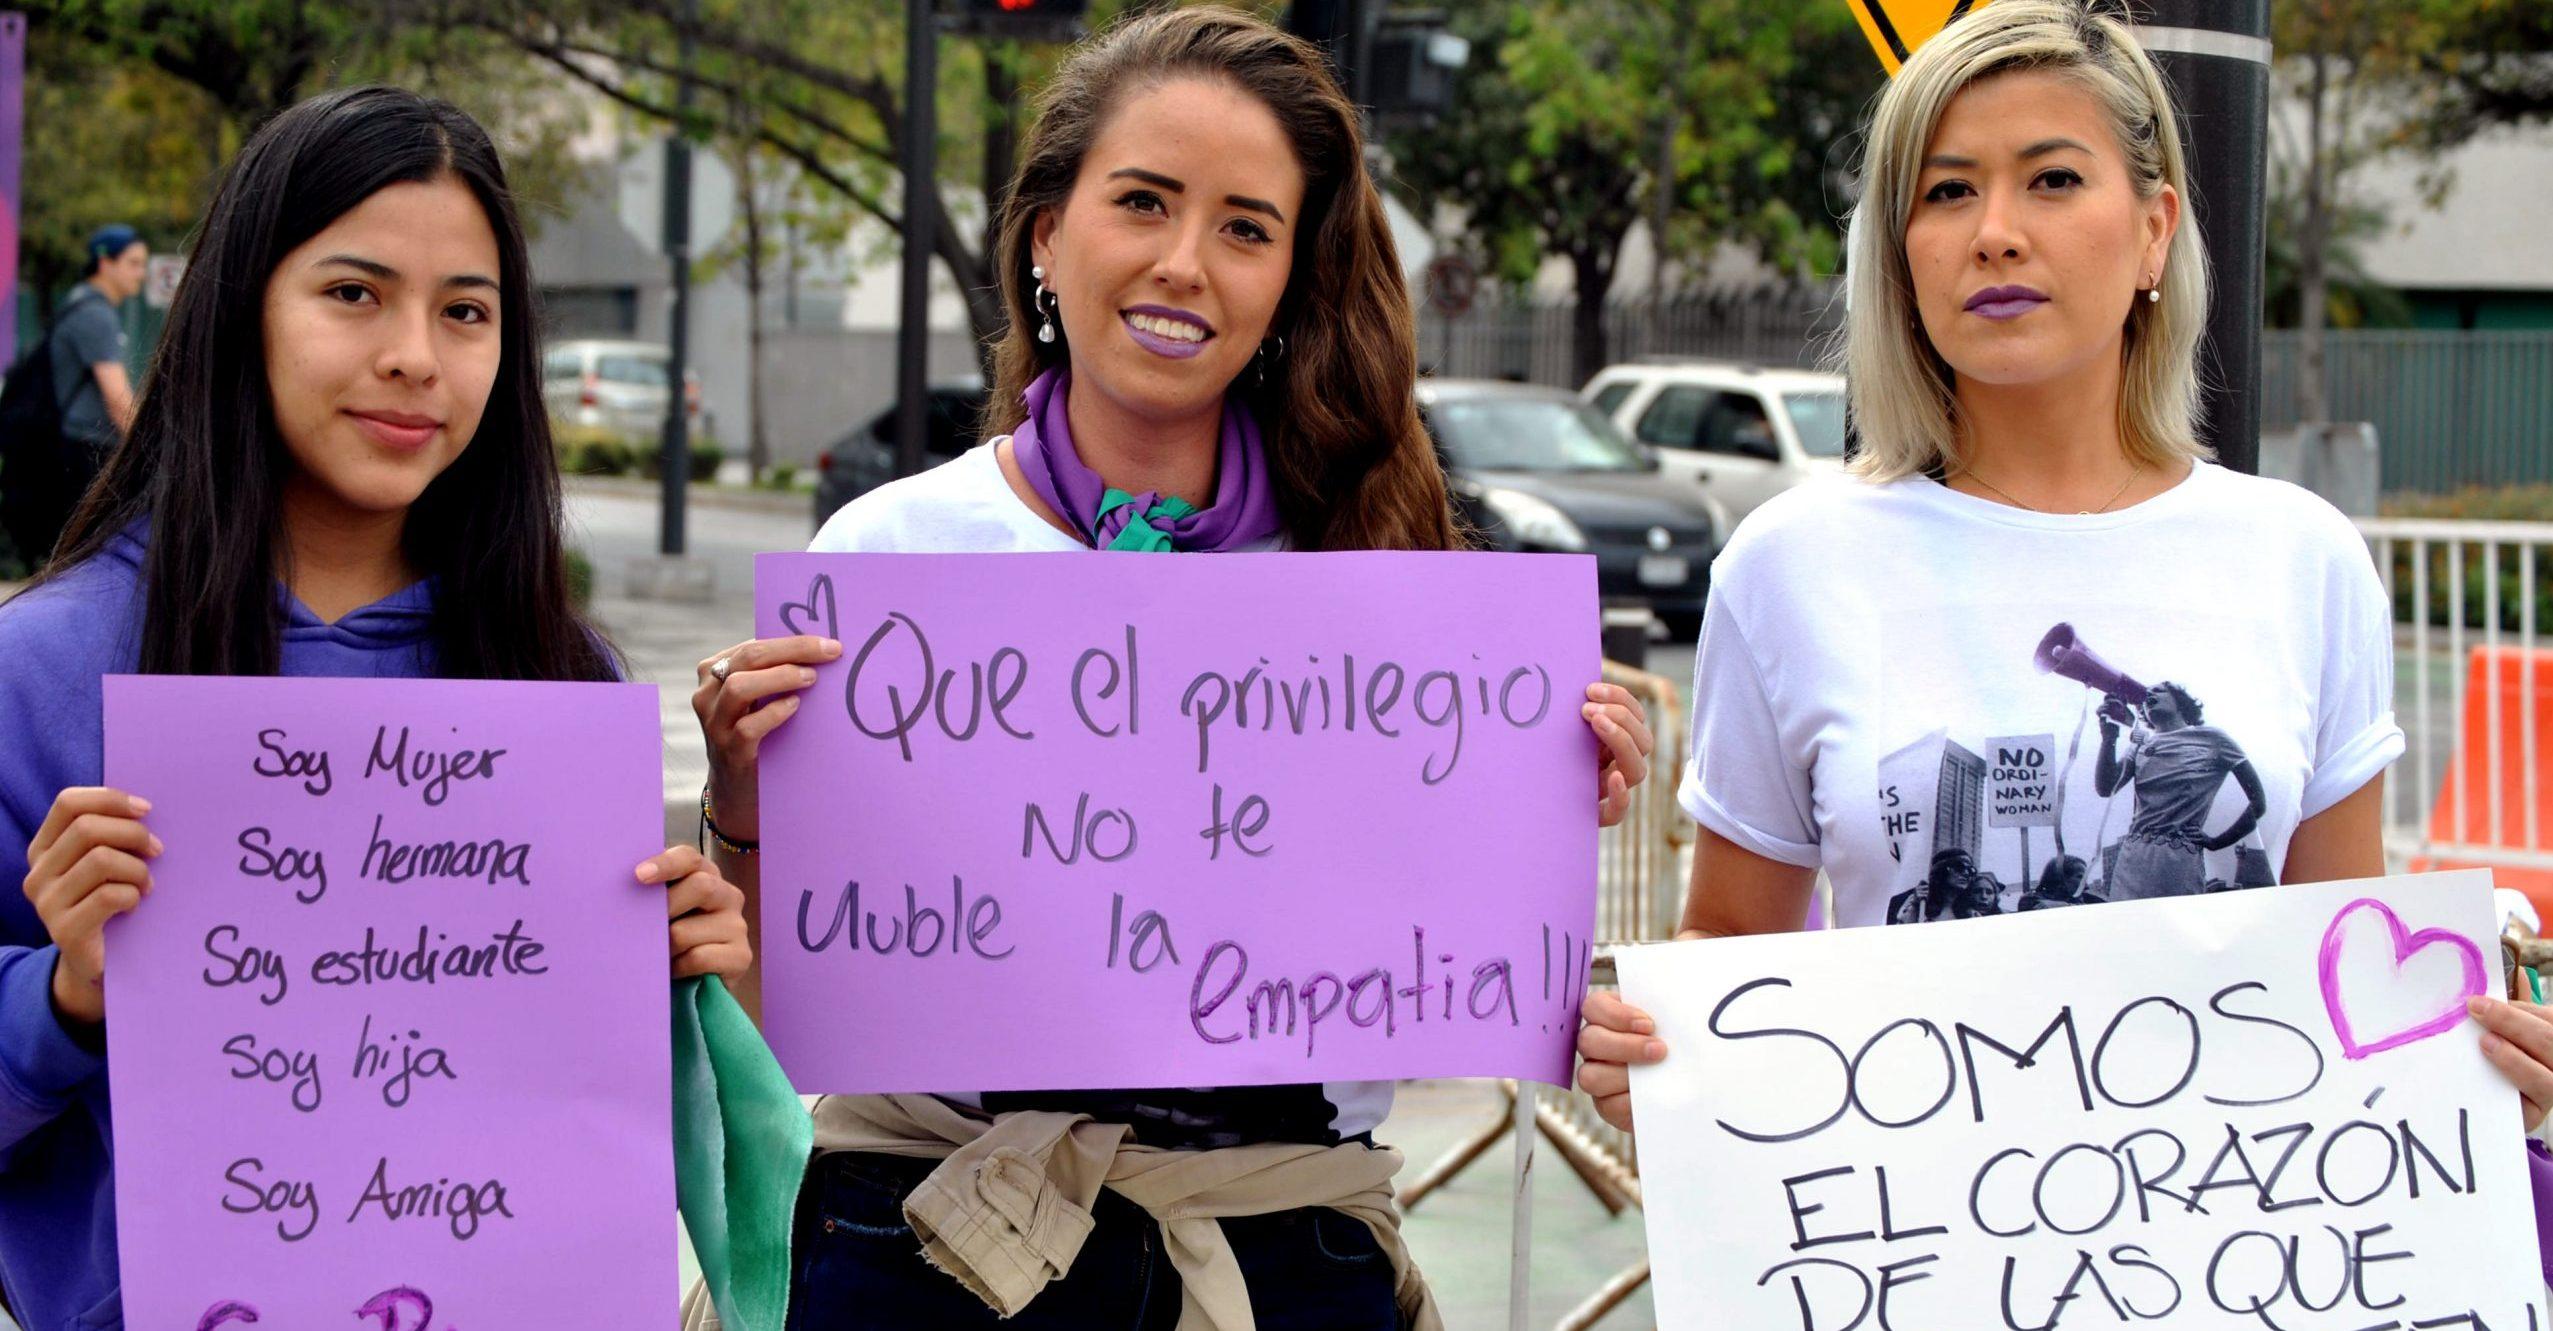 Alumnas del Tec de Monterrey protestan en zoom contra el acoso; protocolo de denuncias no sirve, denuncian (Nuevo León)